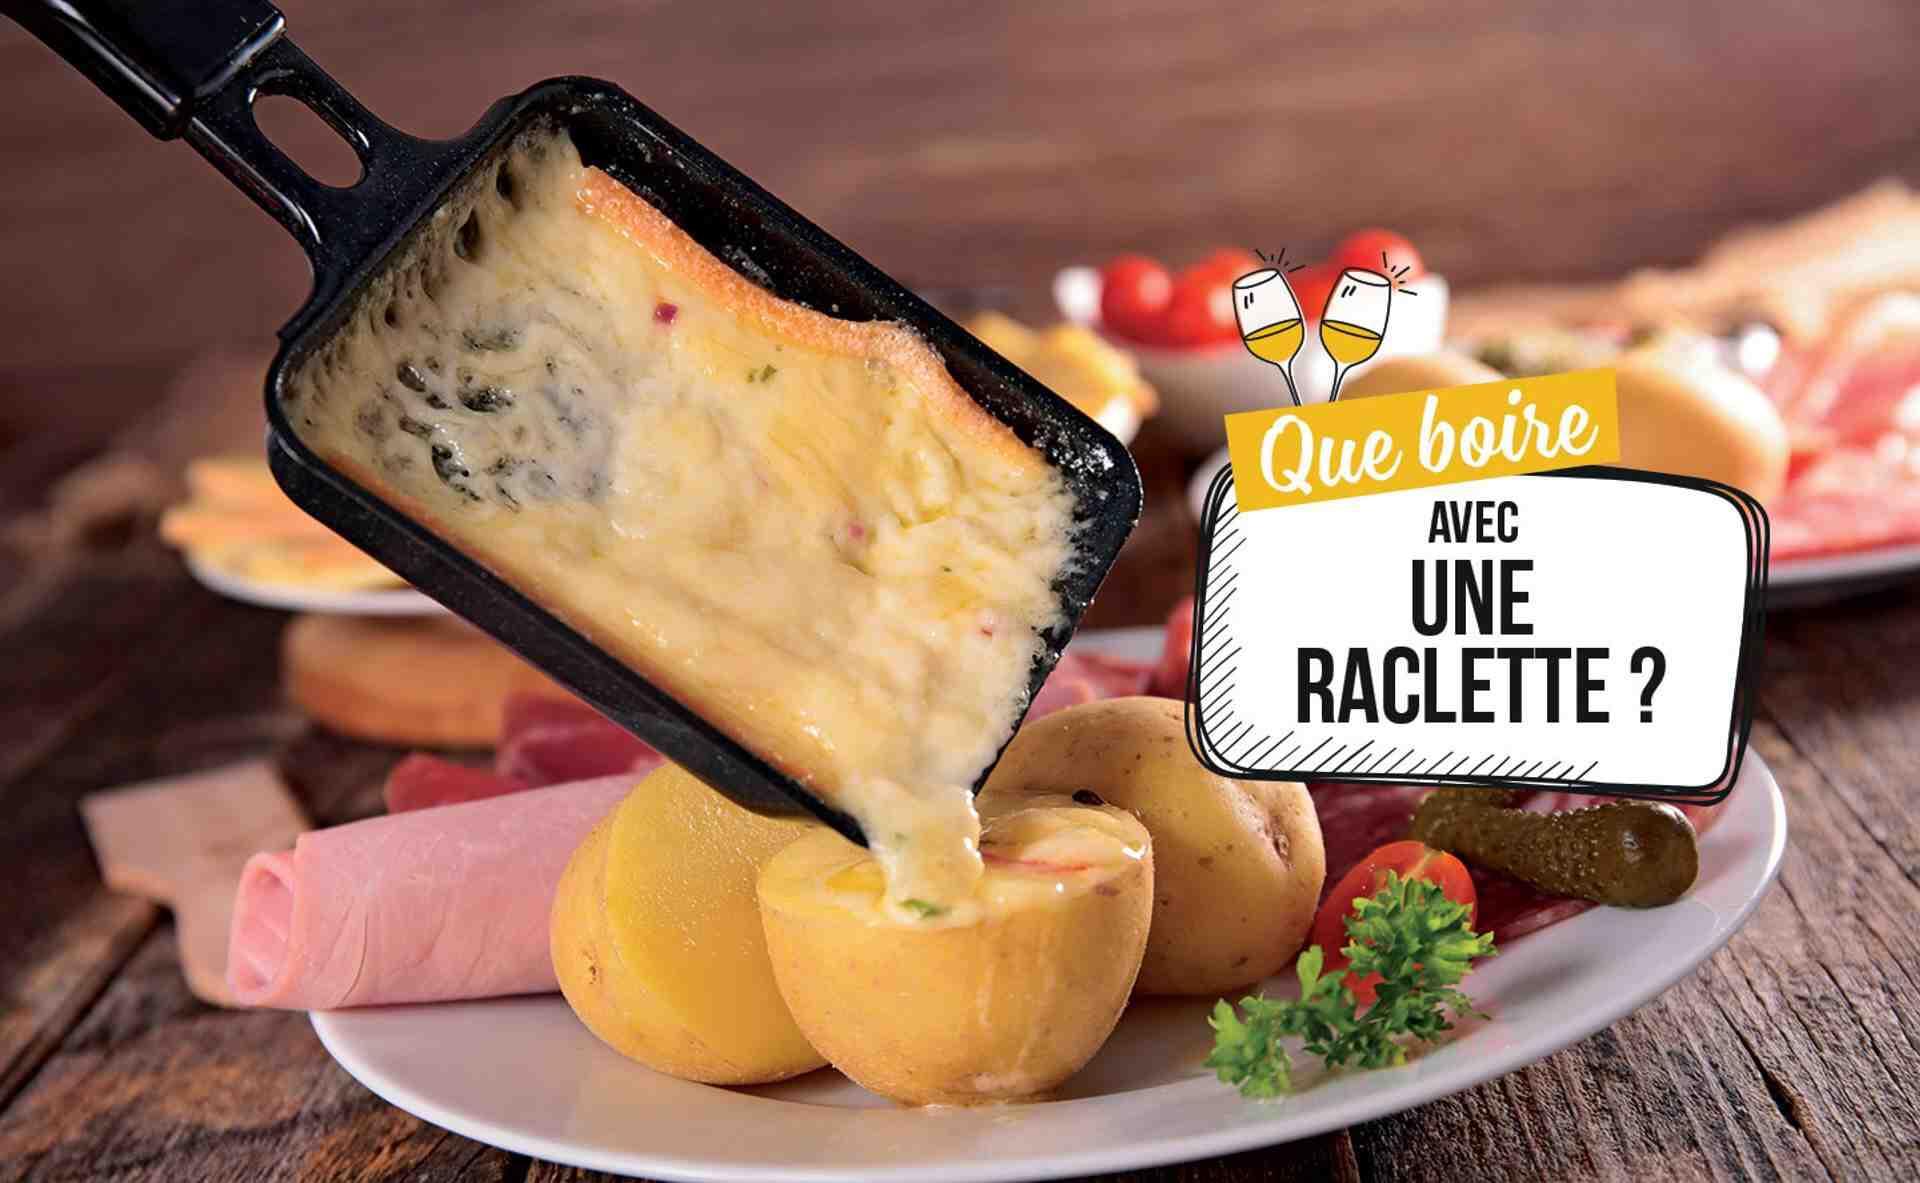 Quel vin d'Alsace avec une raclette?